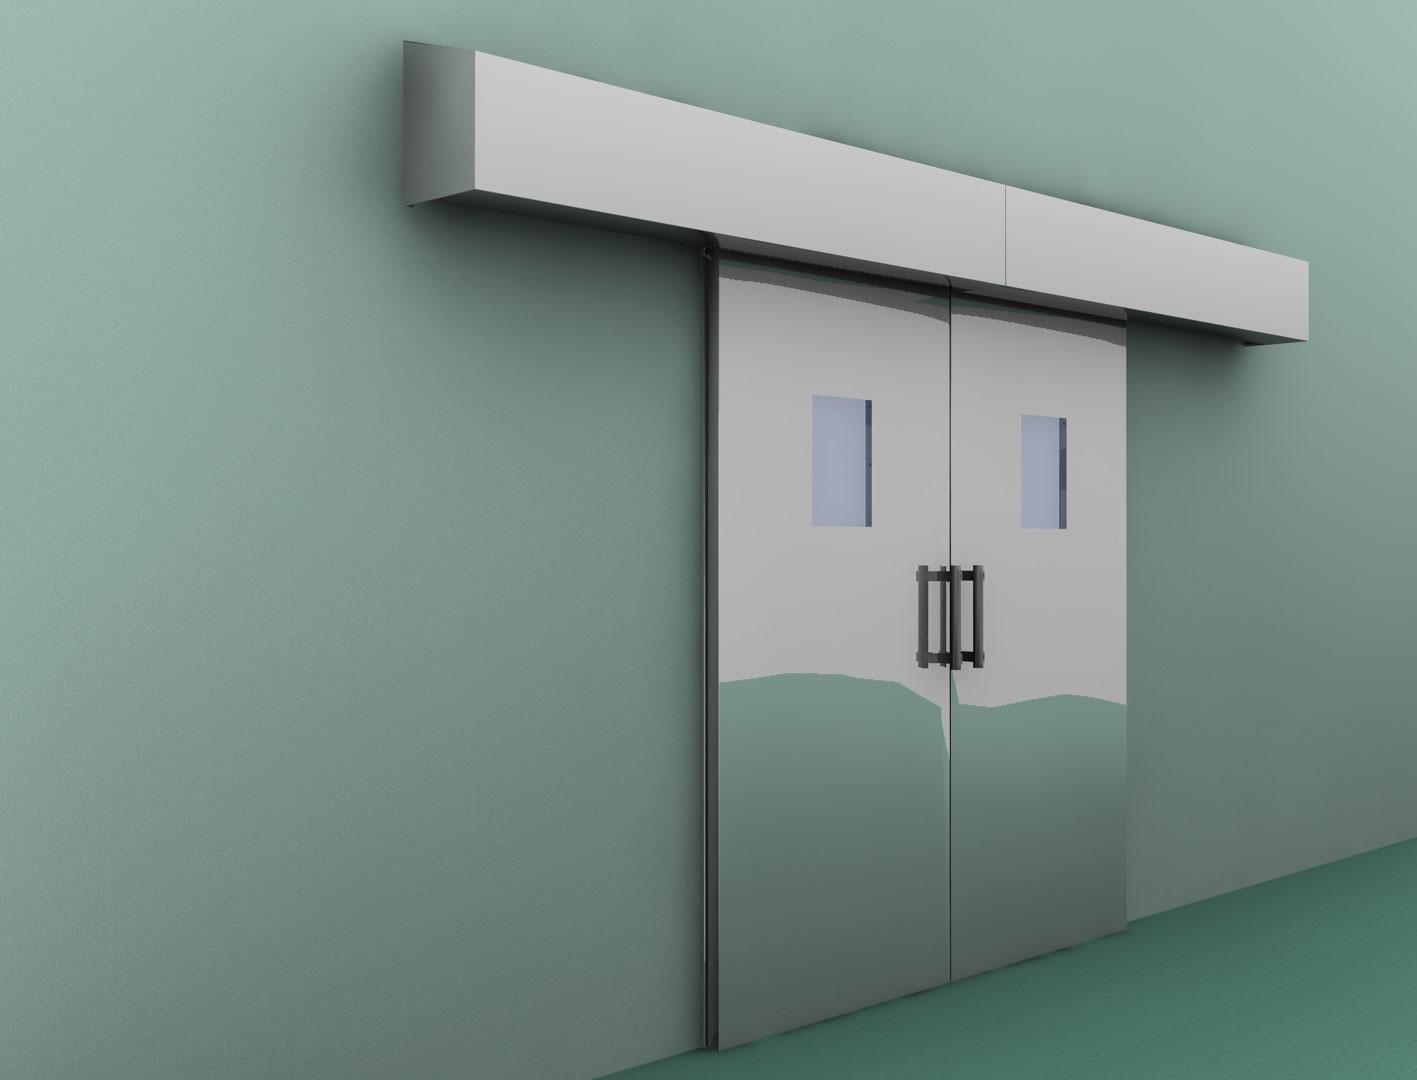 Porta scorrevole automatica chiusura ermetica arredi inox - Chiusura per porta scorrevole ...